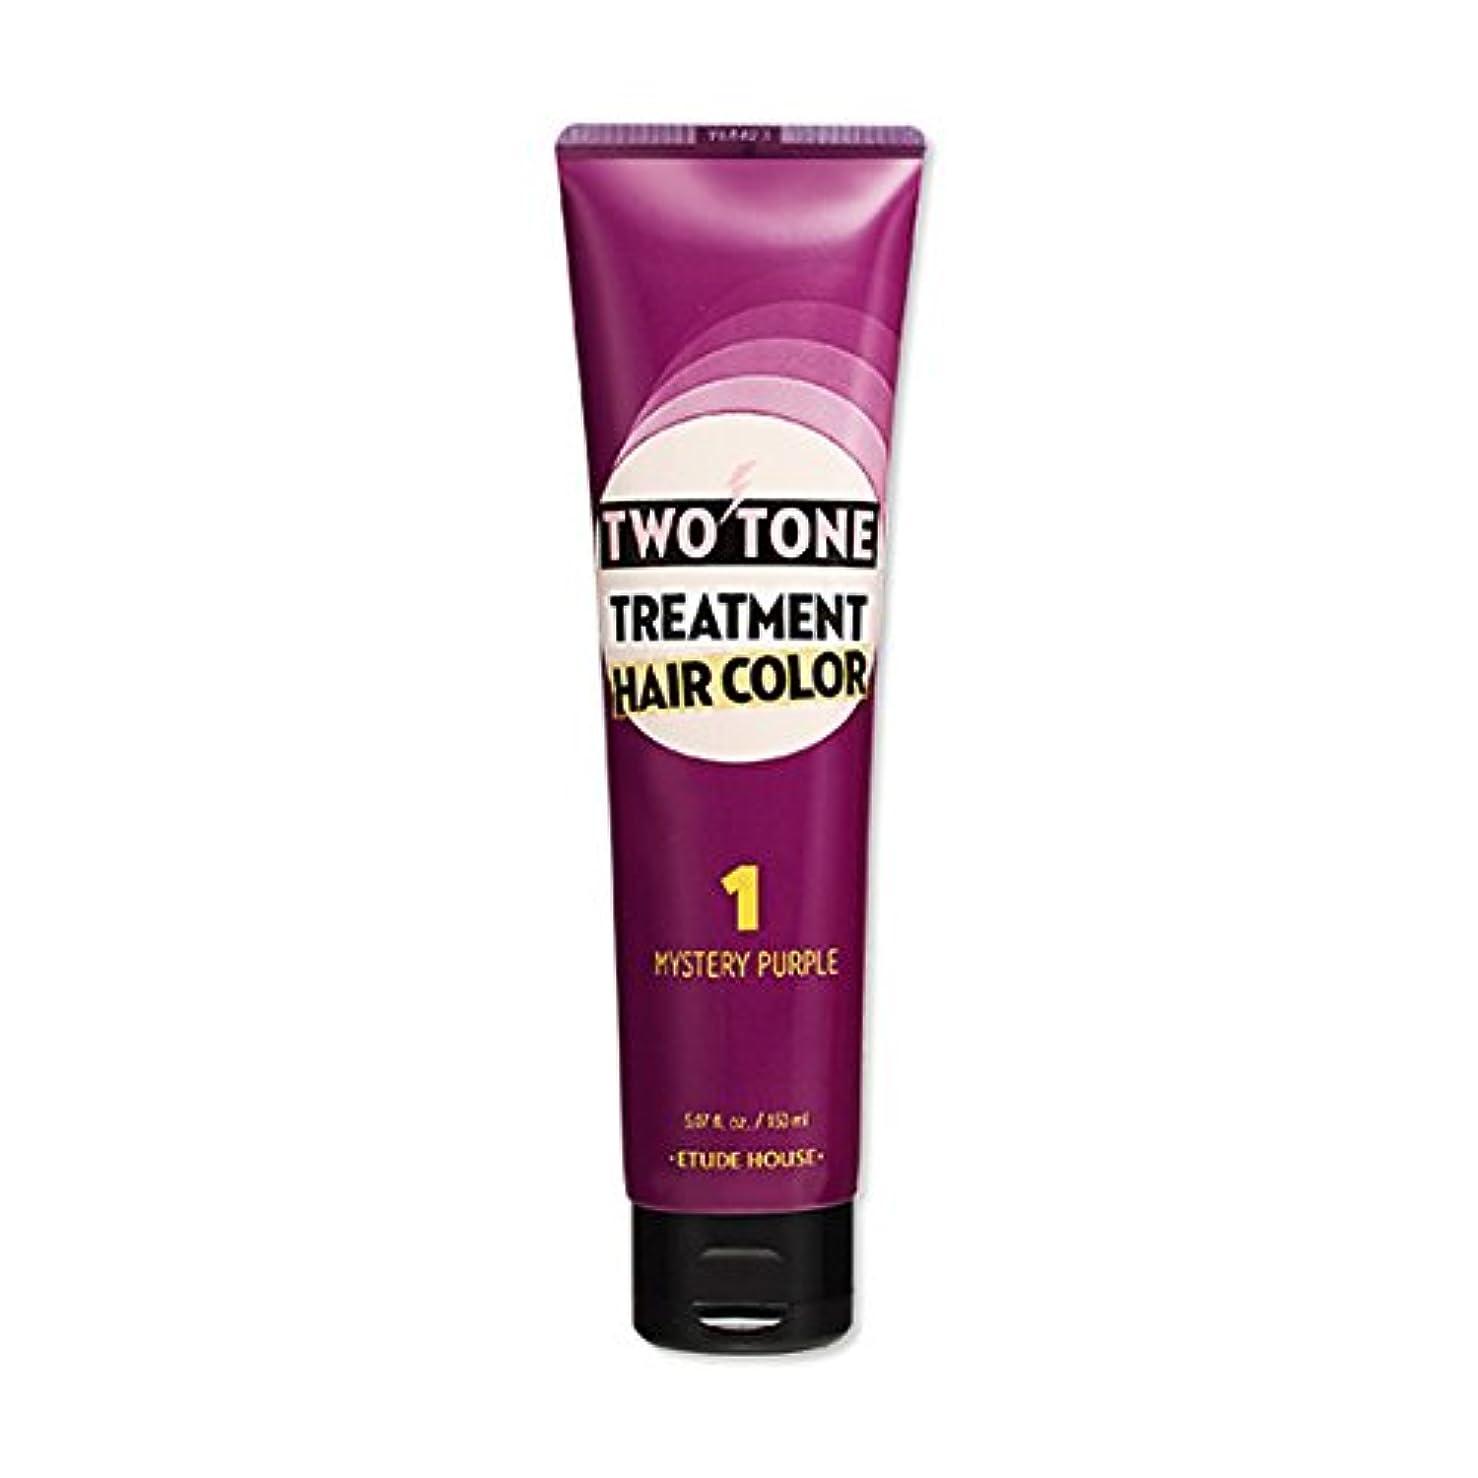 豪華なスラダムどこかETUDE HOUSE Two Tone Treatment Hair Color 1.MYSTERY PURPLE / エチュードハウス ツートントリートメントヘアカラー150ml (1.MYSTERY PURPLE)...